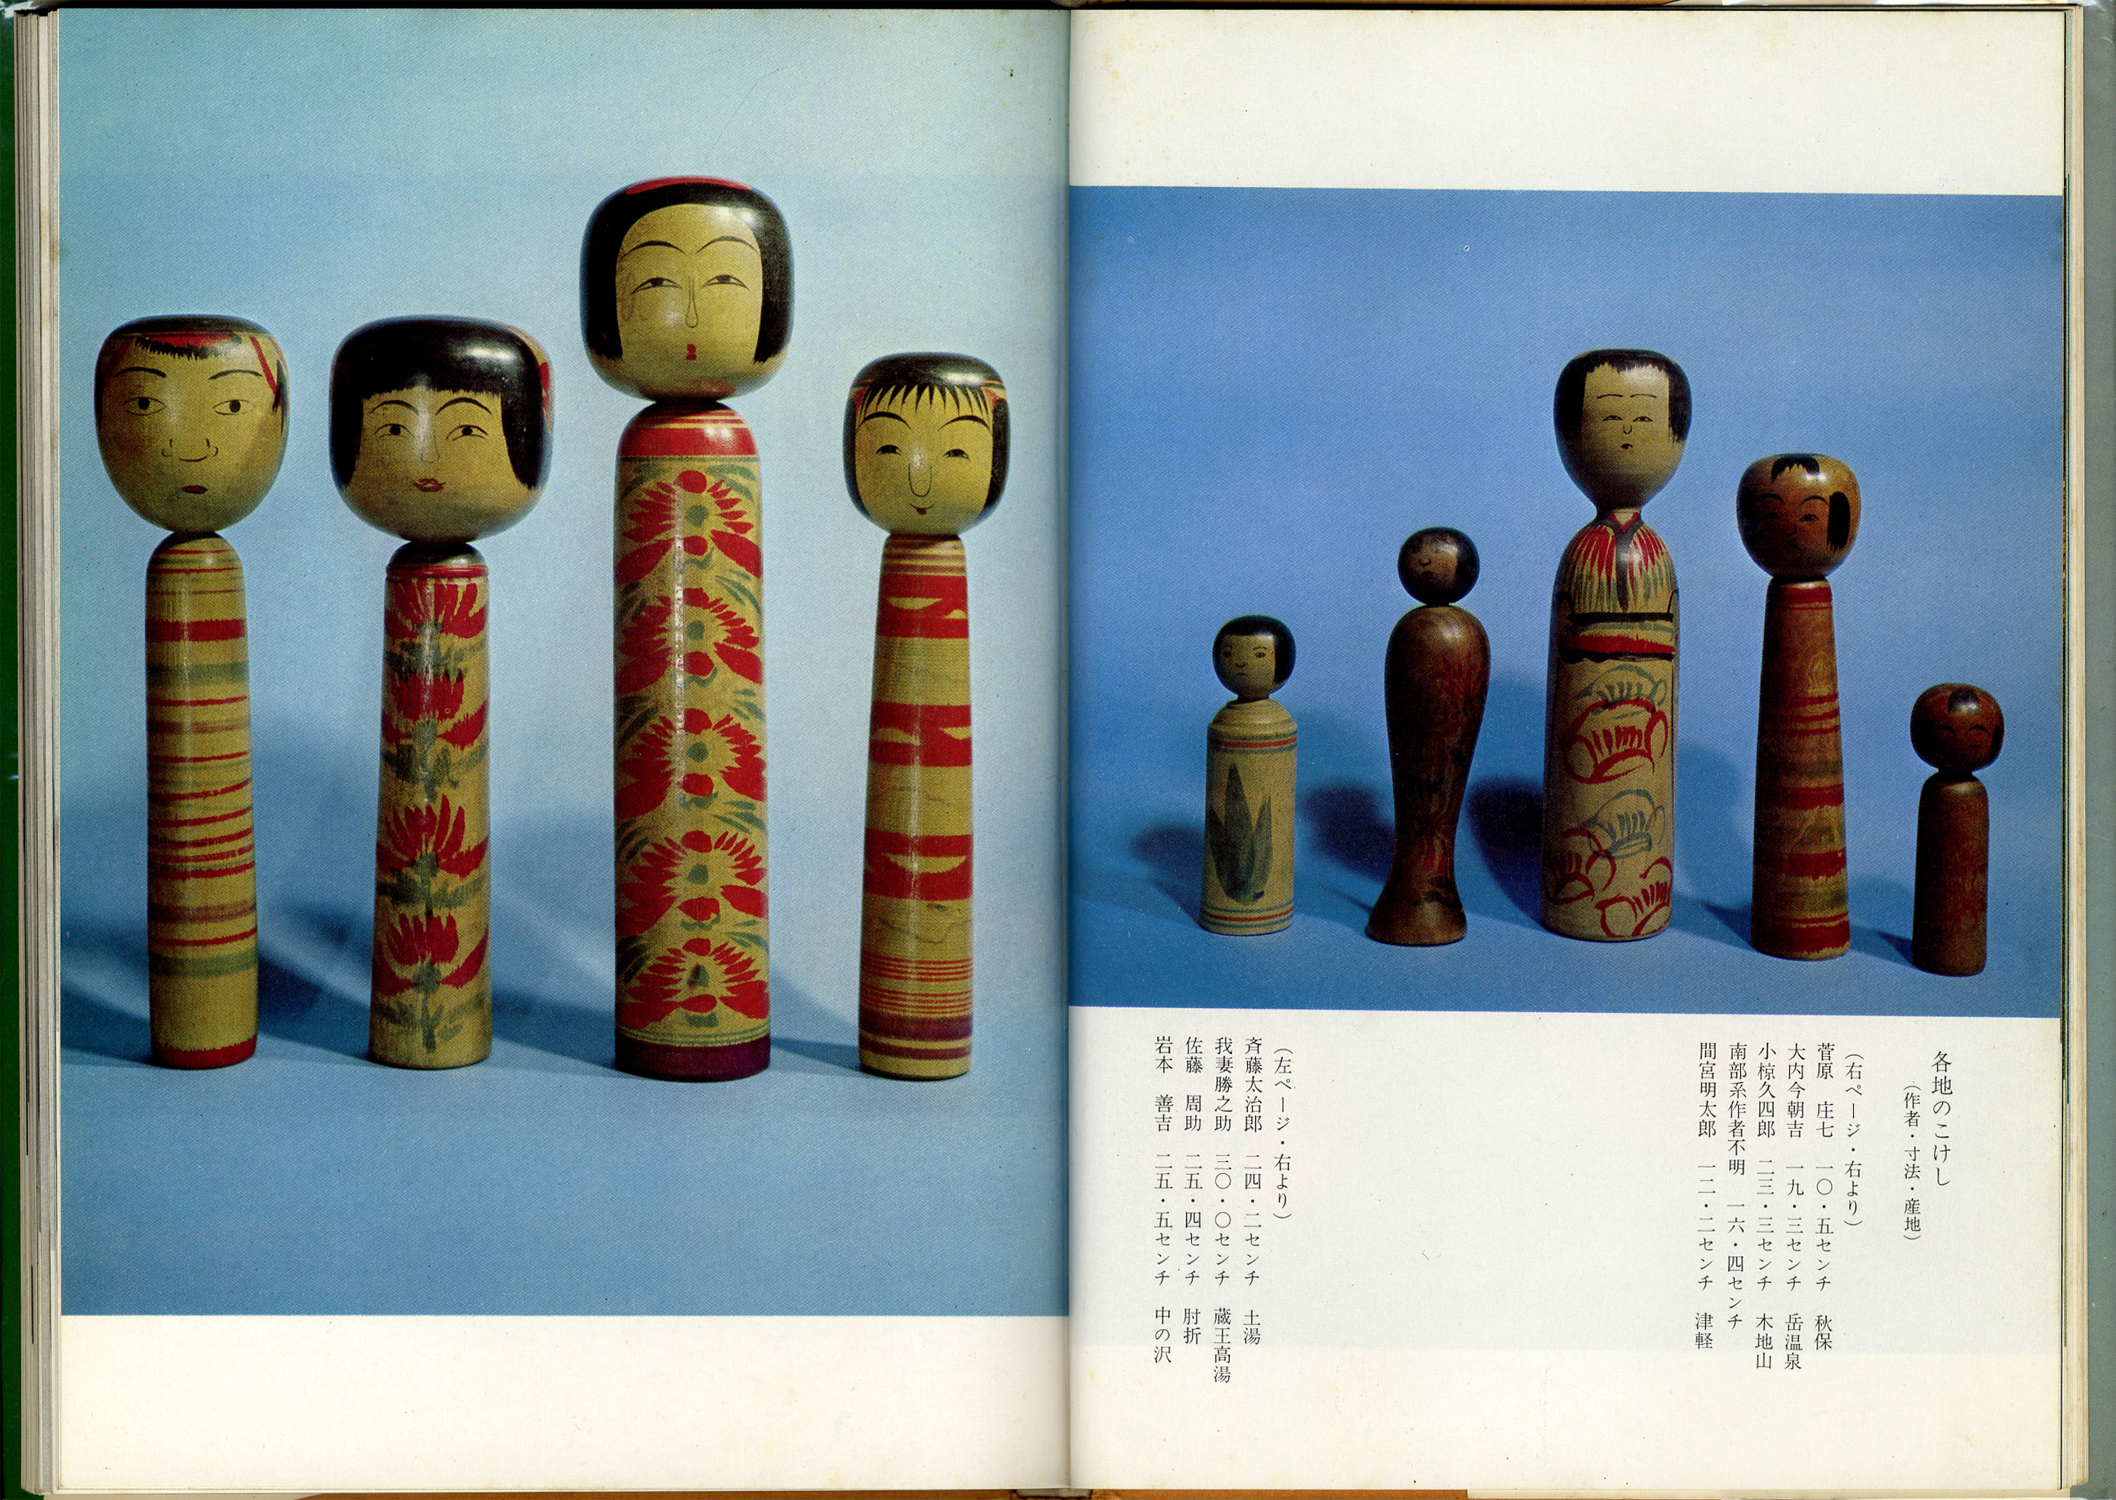 日本の郷土玩具[image3]